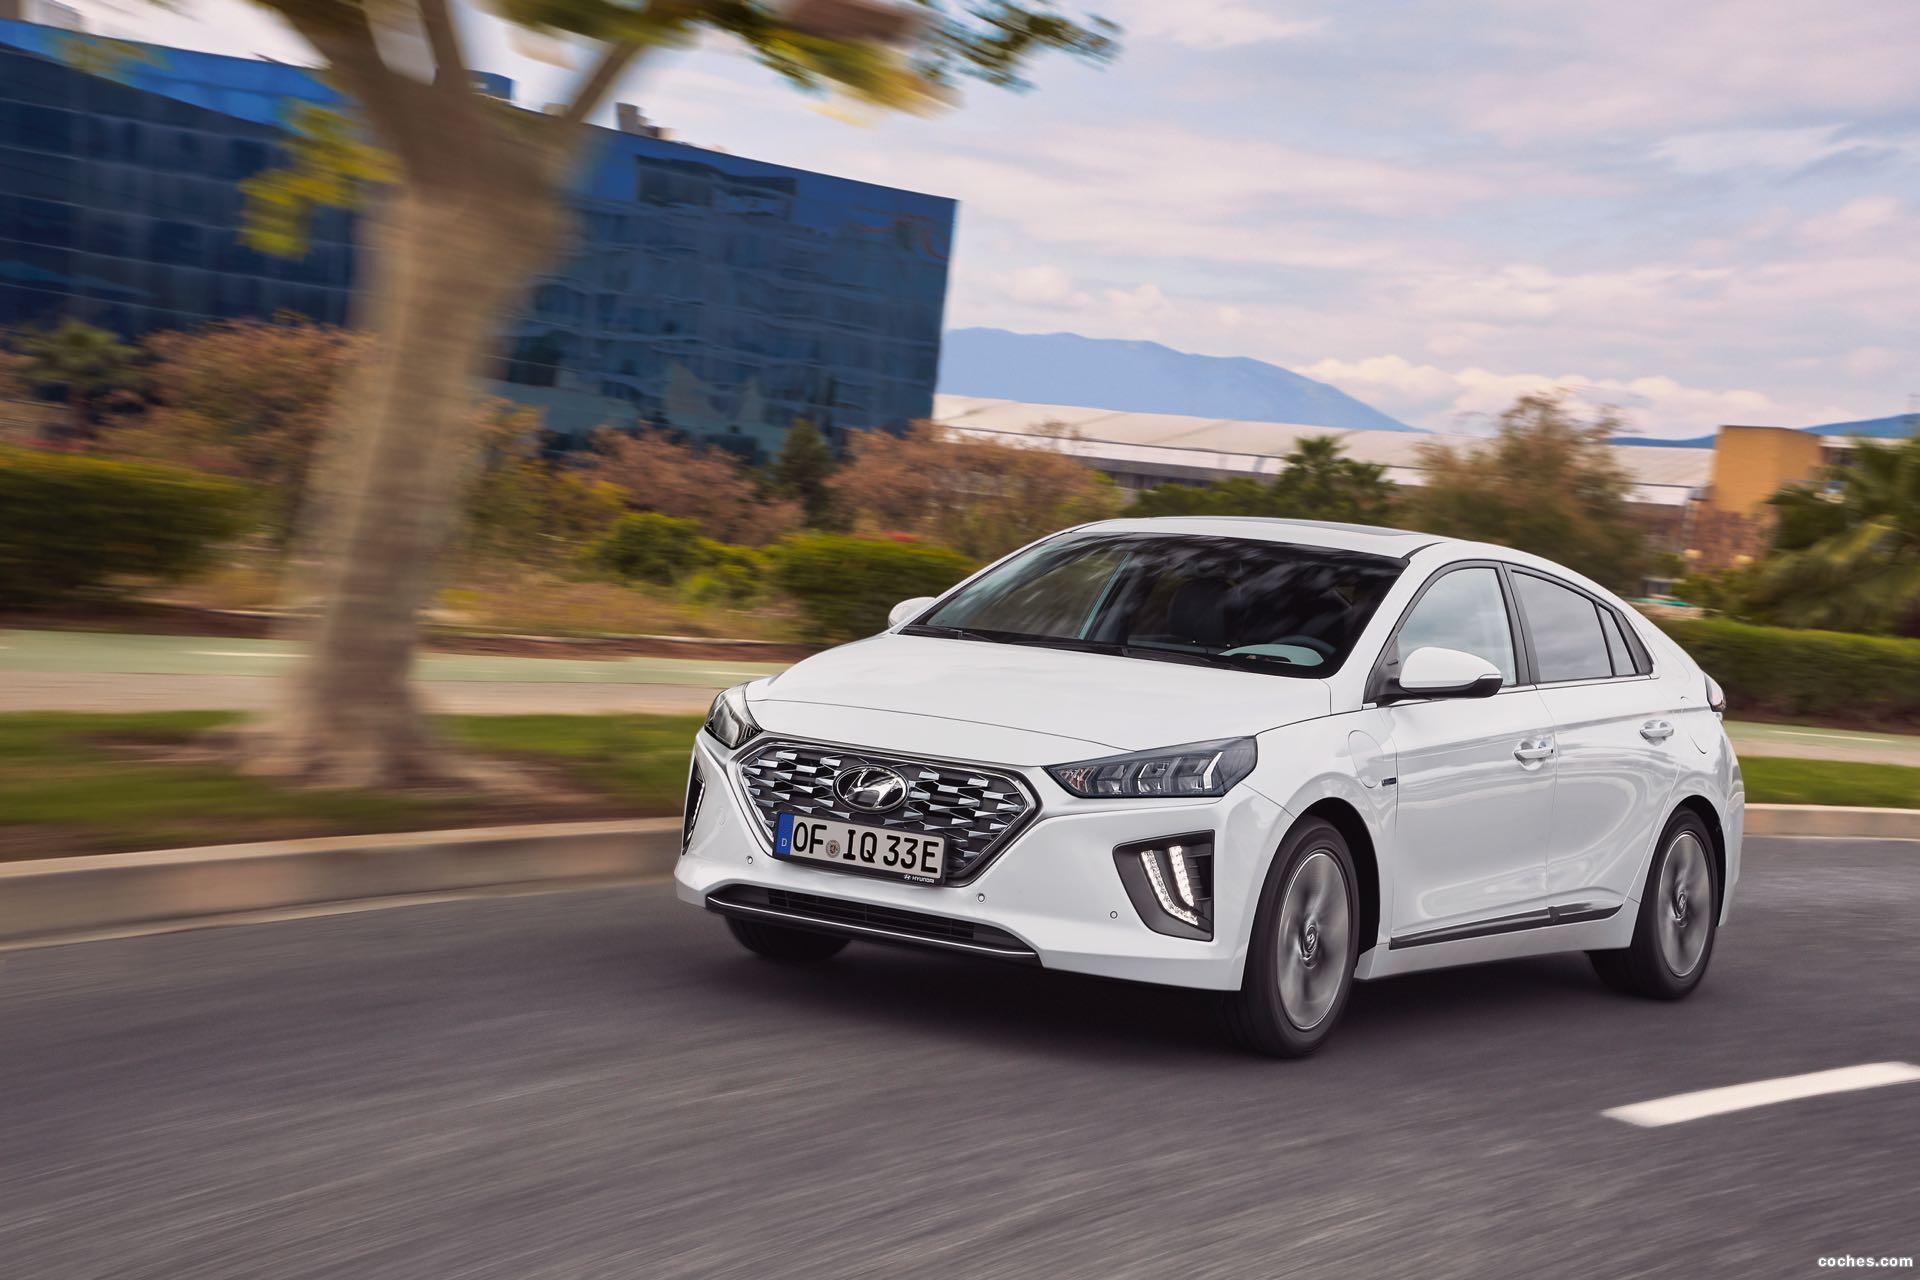 Foto 2 de Hyundai Ioniq plug-in 2019